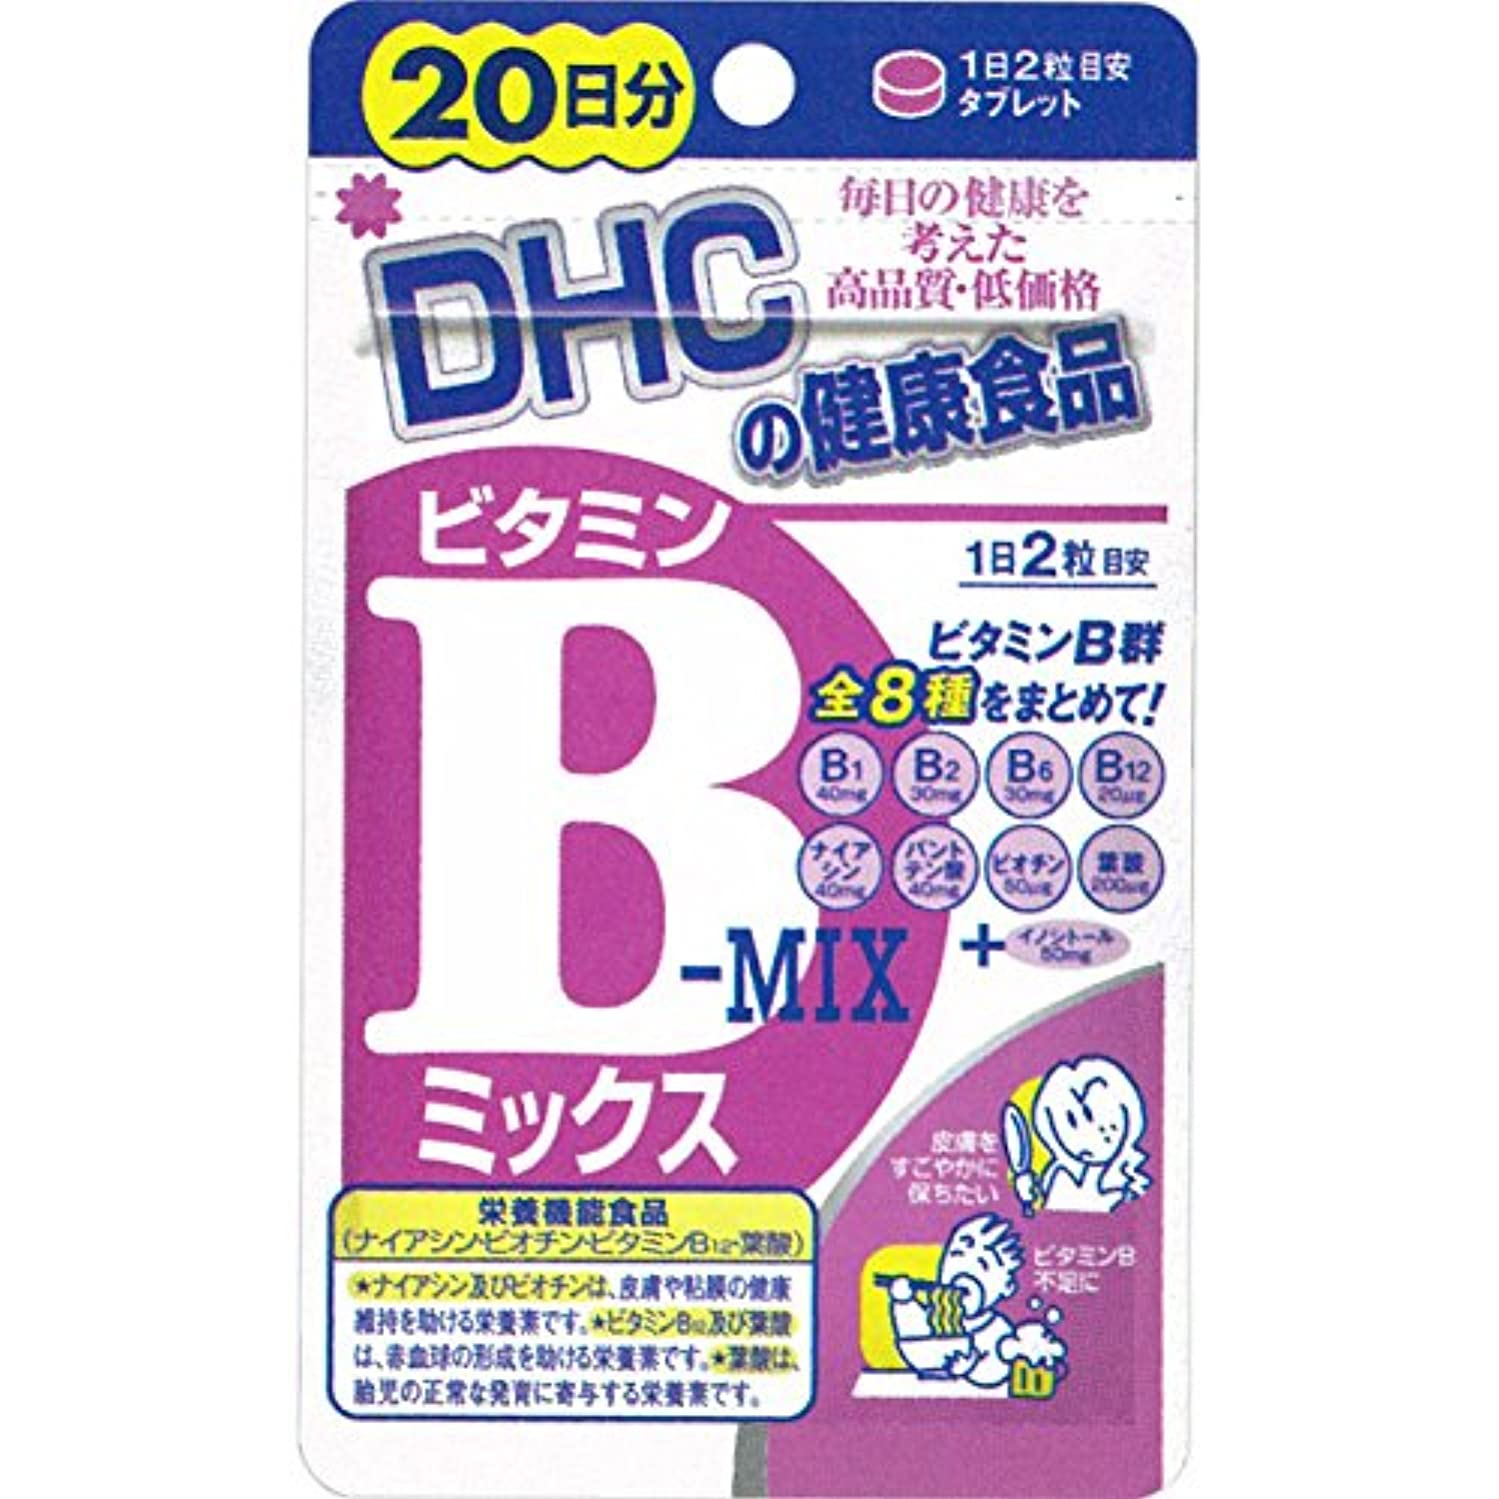 ジョブシリーズ類推DHC(ディーエイチシー) サプリメント DHC ビタミンB MIX 20日分